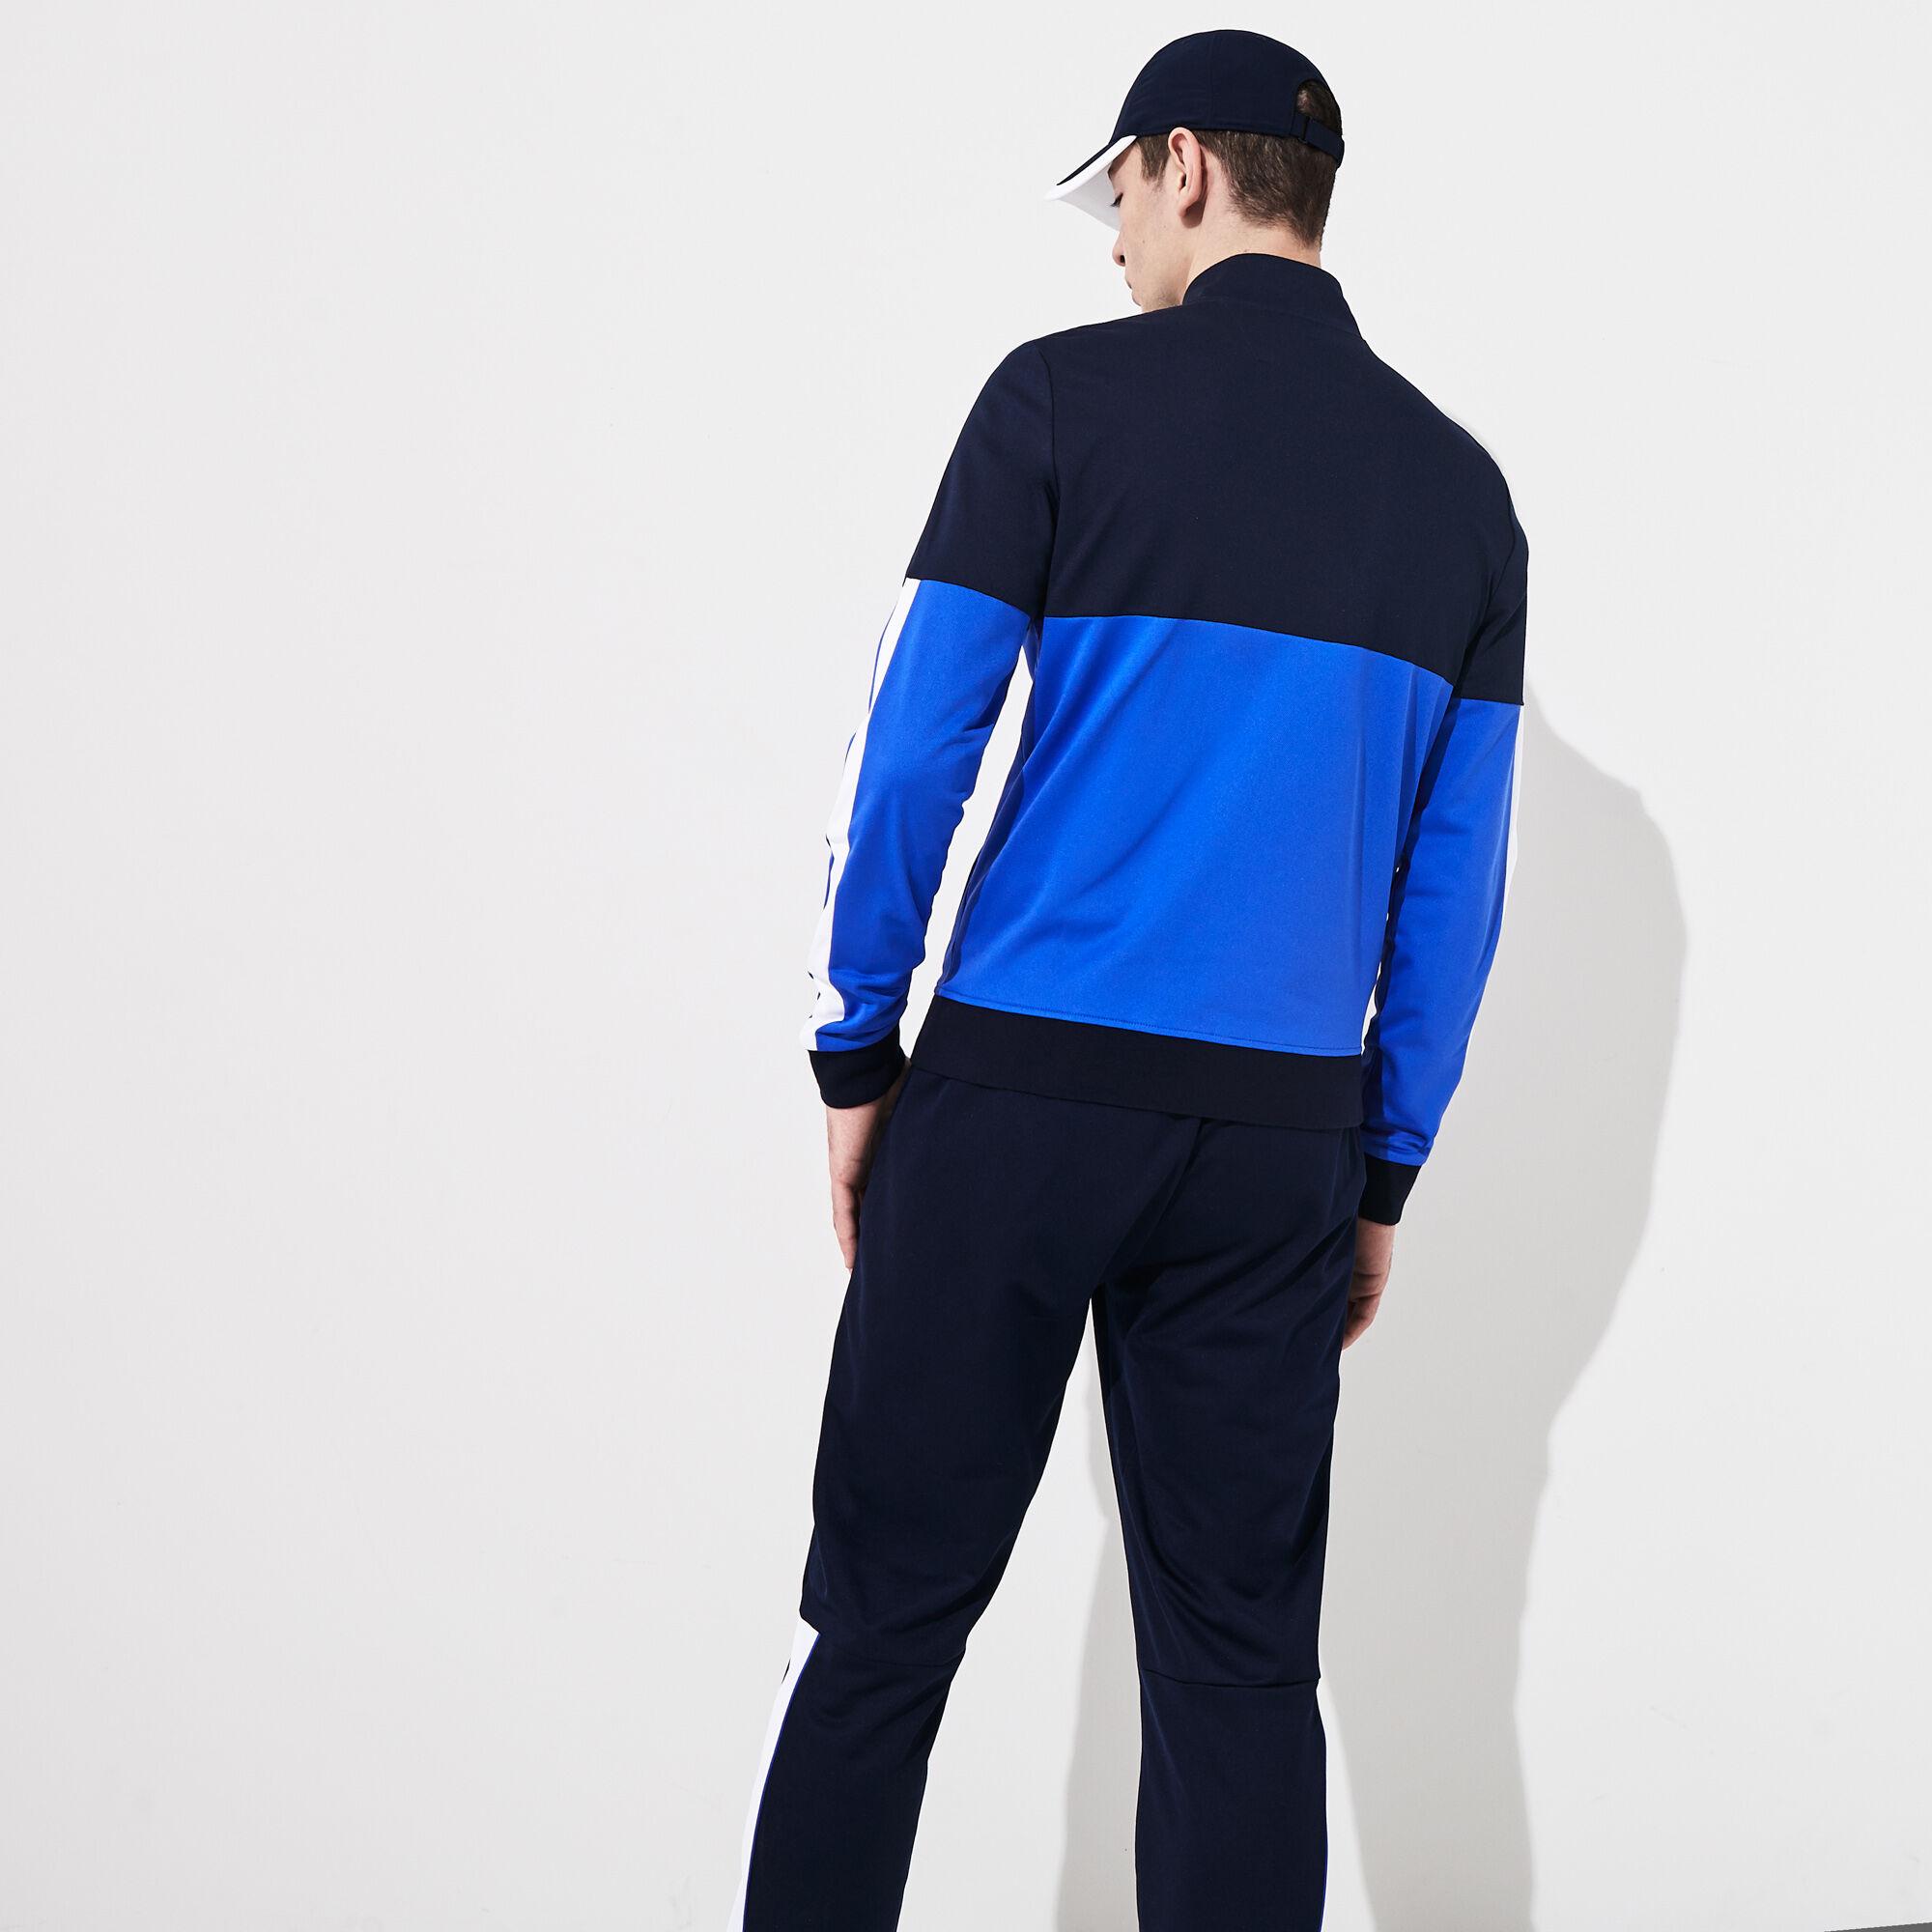 قميص ثقيل بسحاب من البيكيه المقاوم للمياه متعدد الألوان من مجموعة Lacoste SPORT للرجال